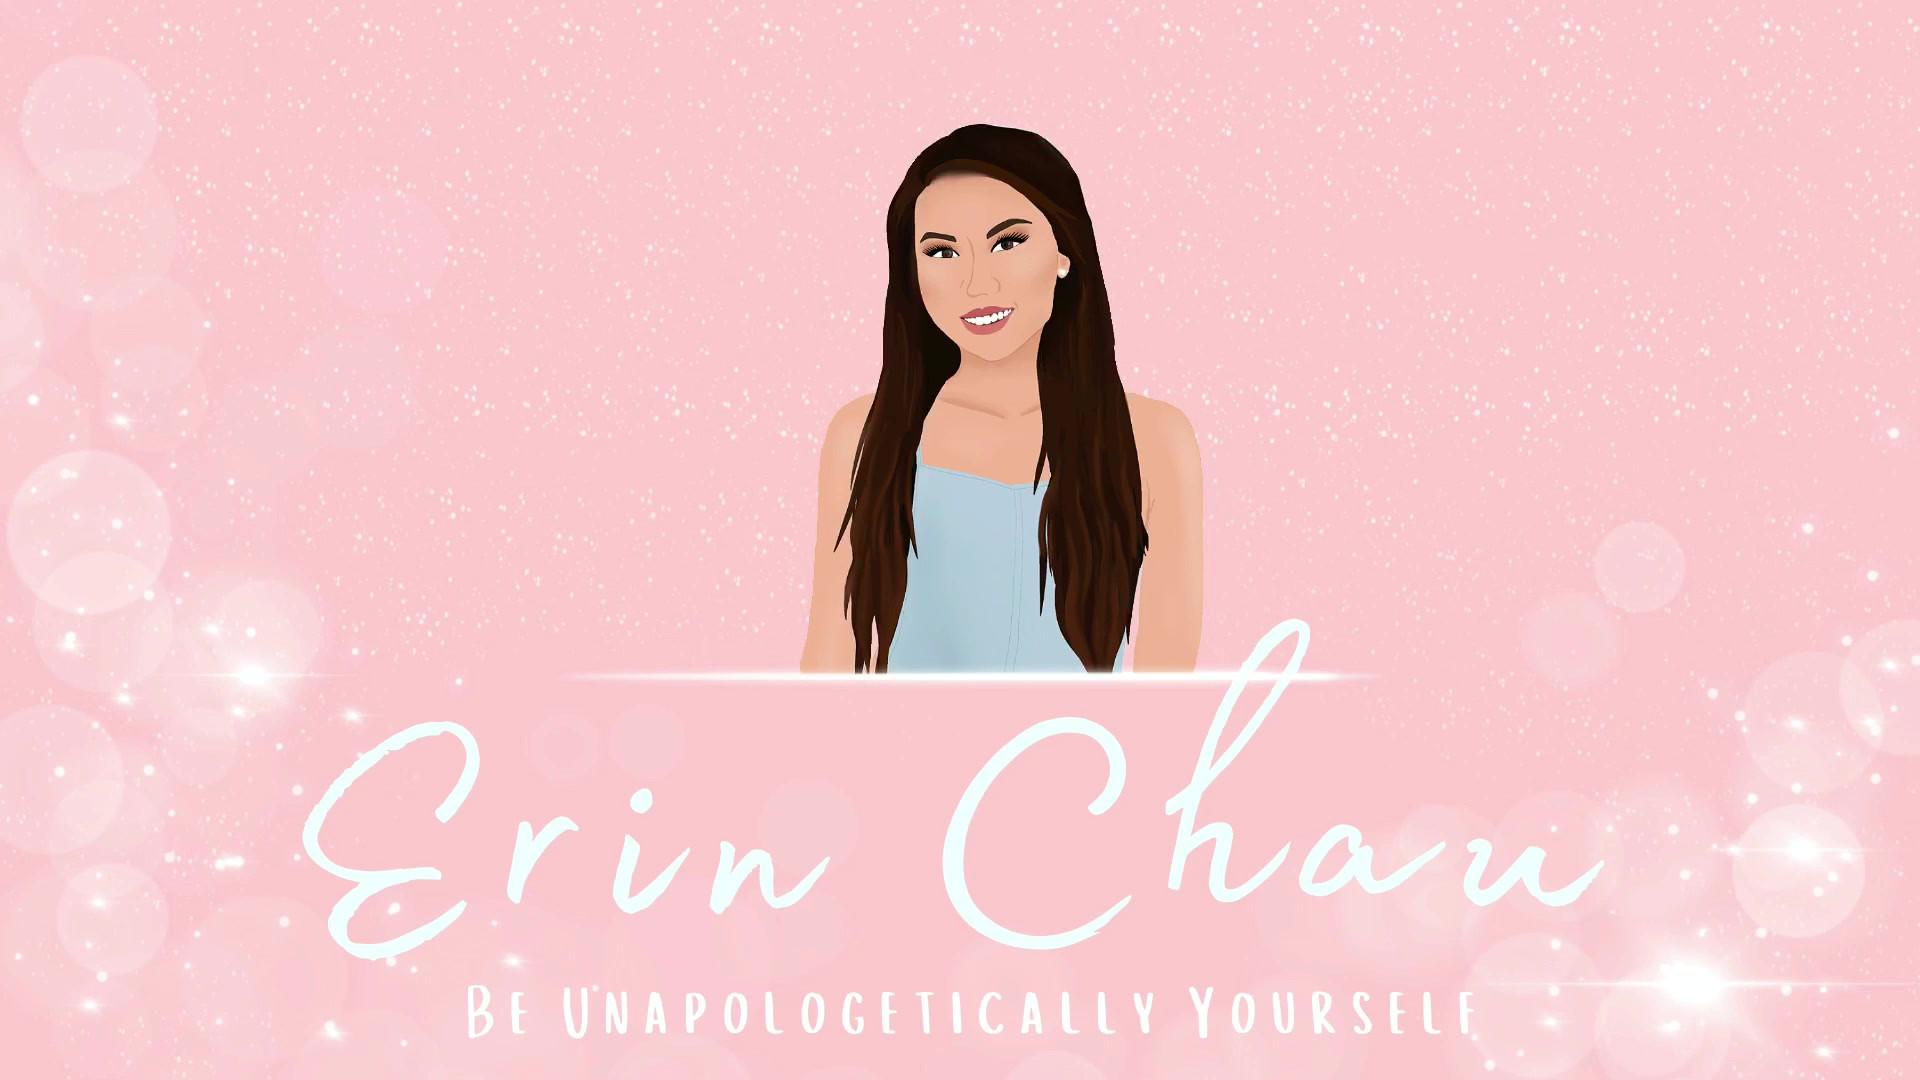 ERIN CHAU